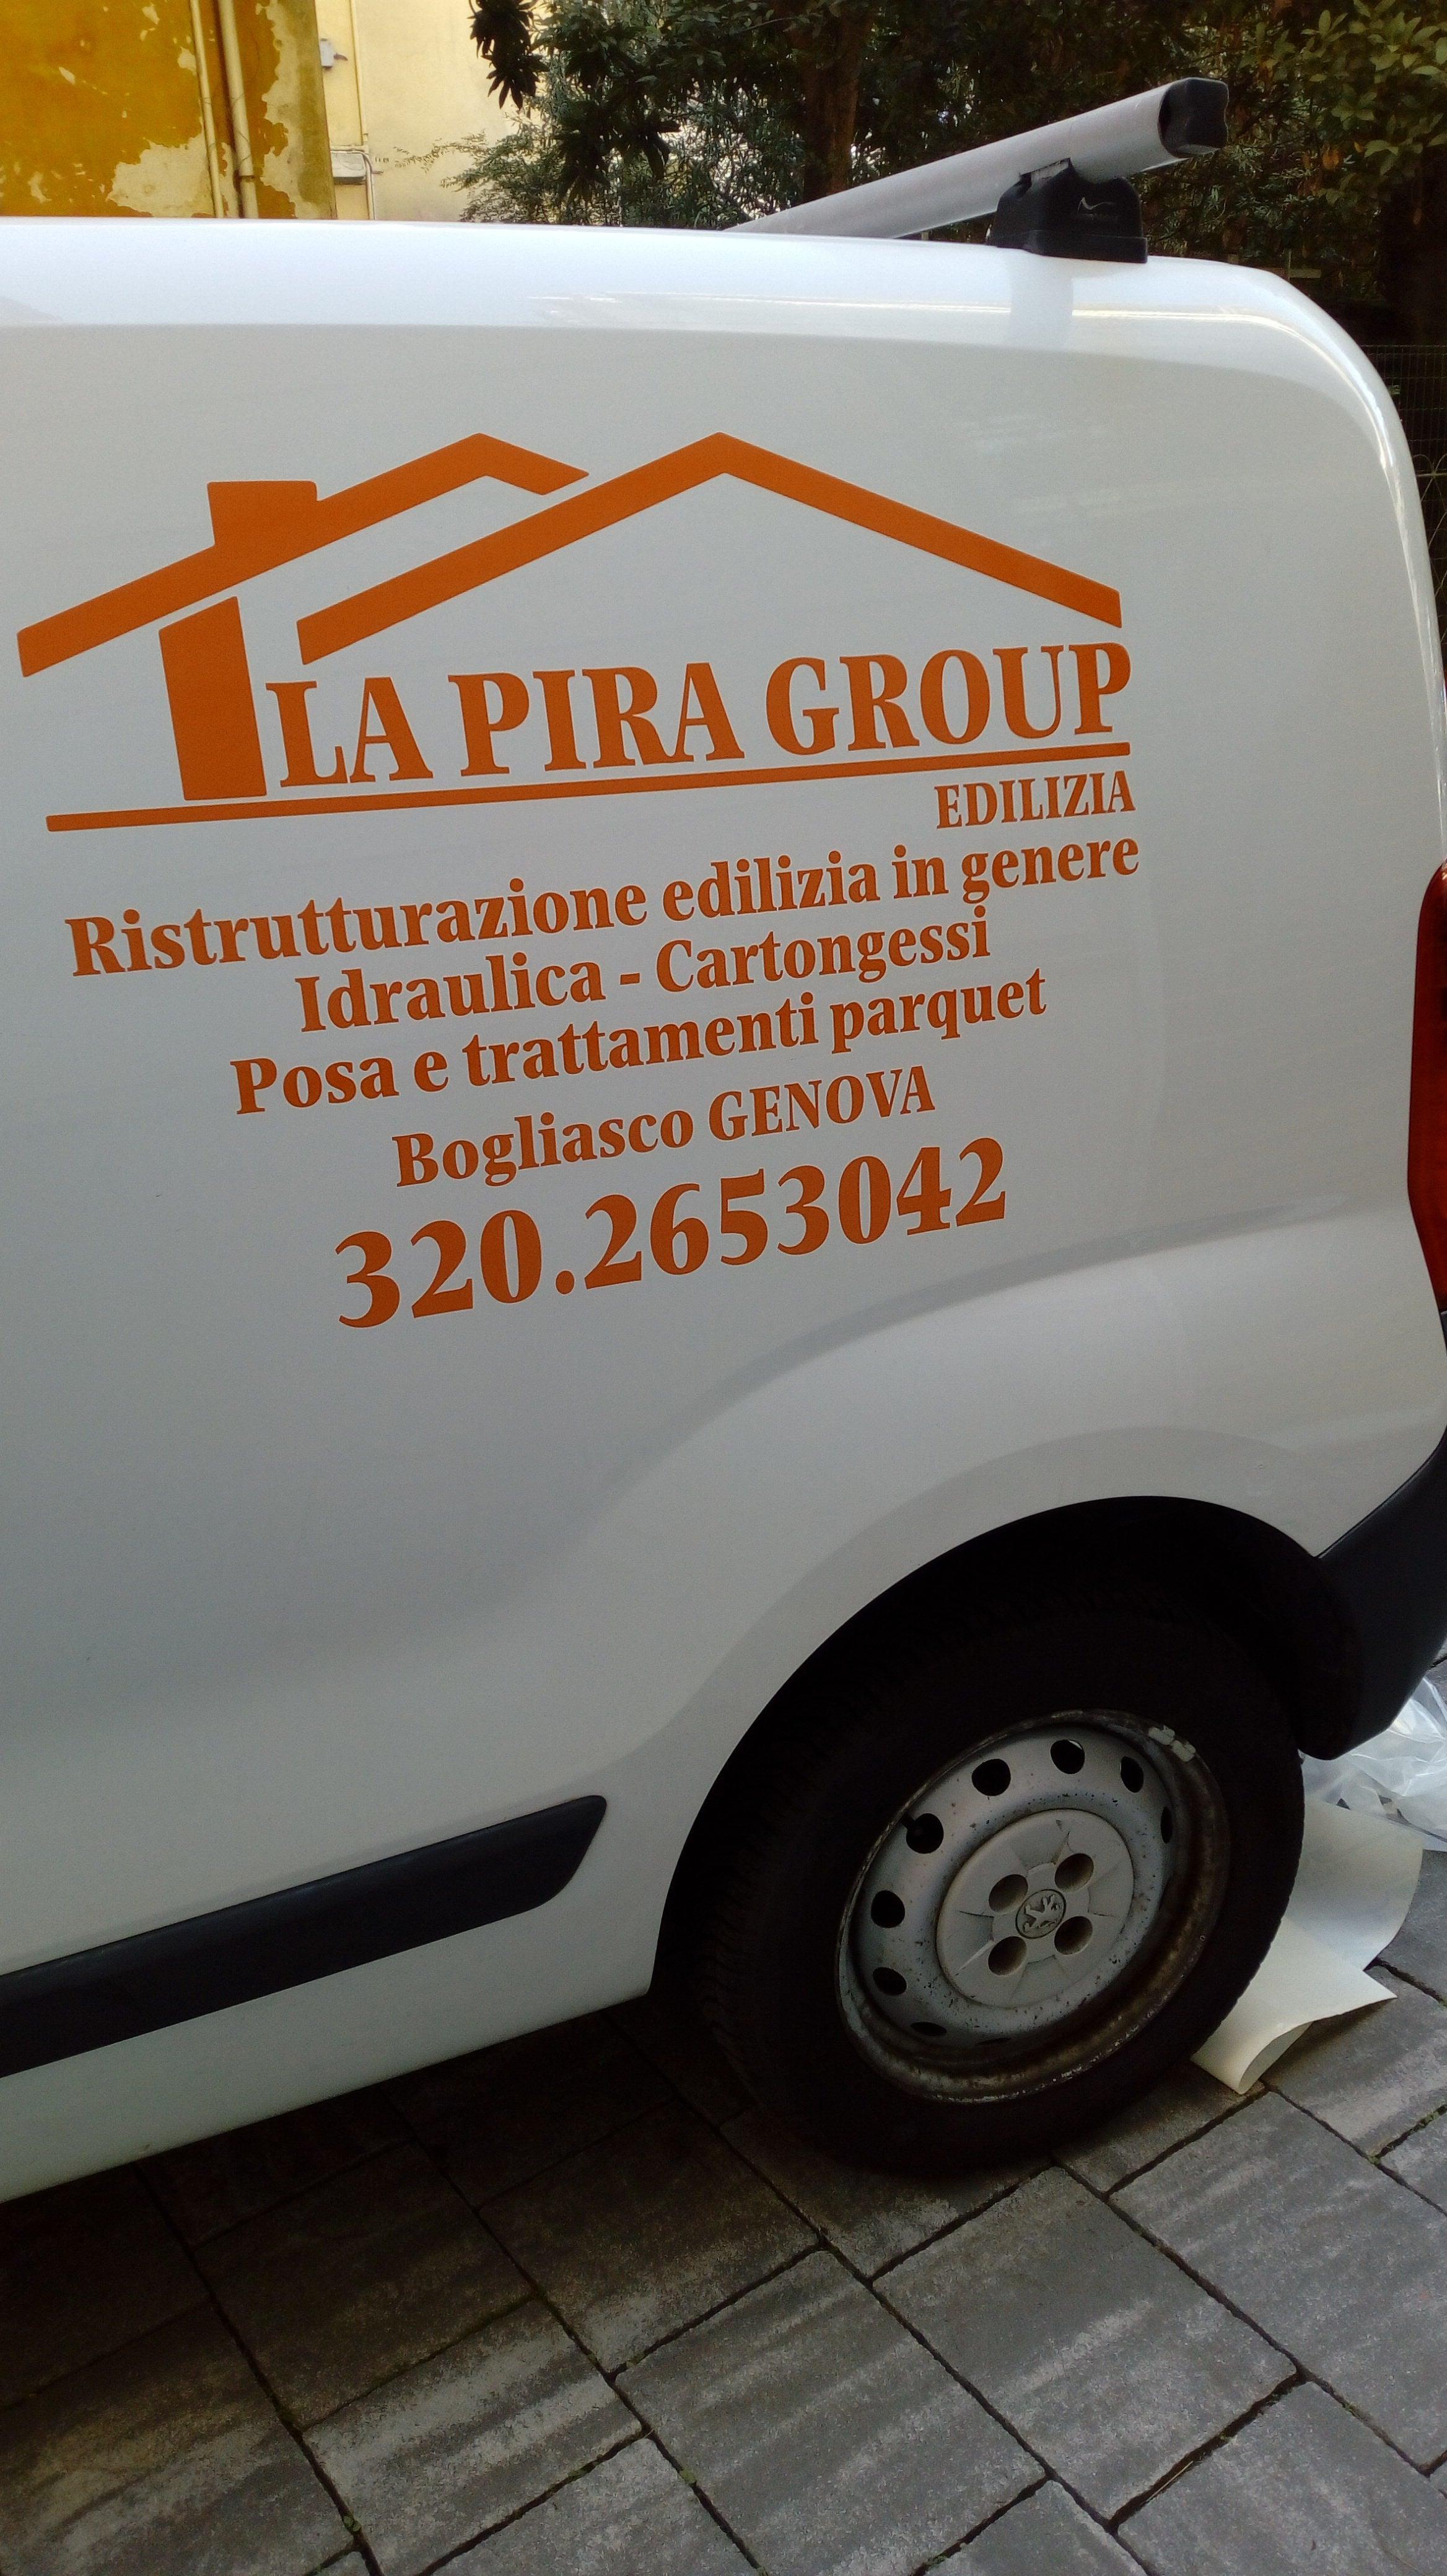 Scaffalature Metalliche E Componibili Genova.I Migliori 30 Costruttori Di Scaffalature A Genova Con Preventivi